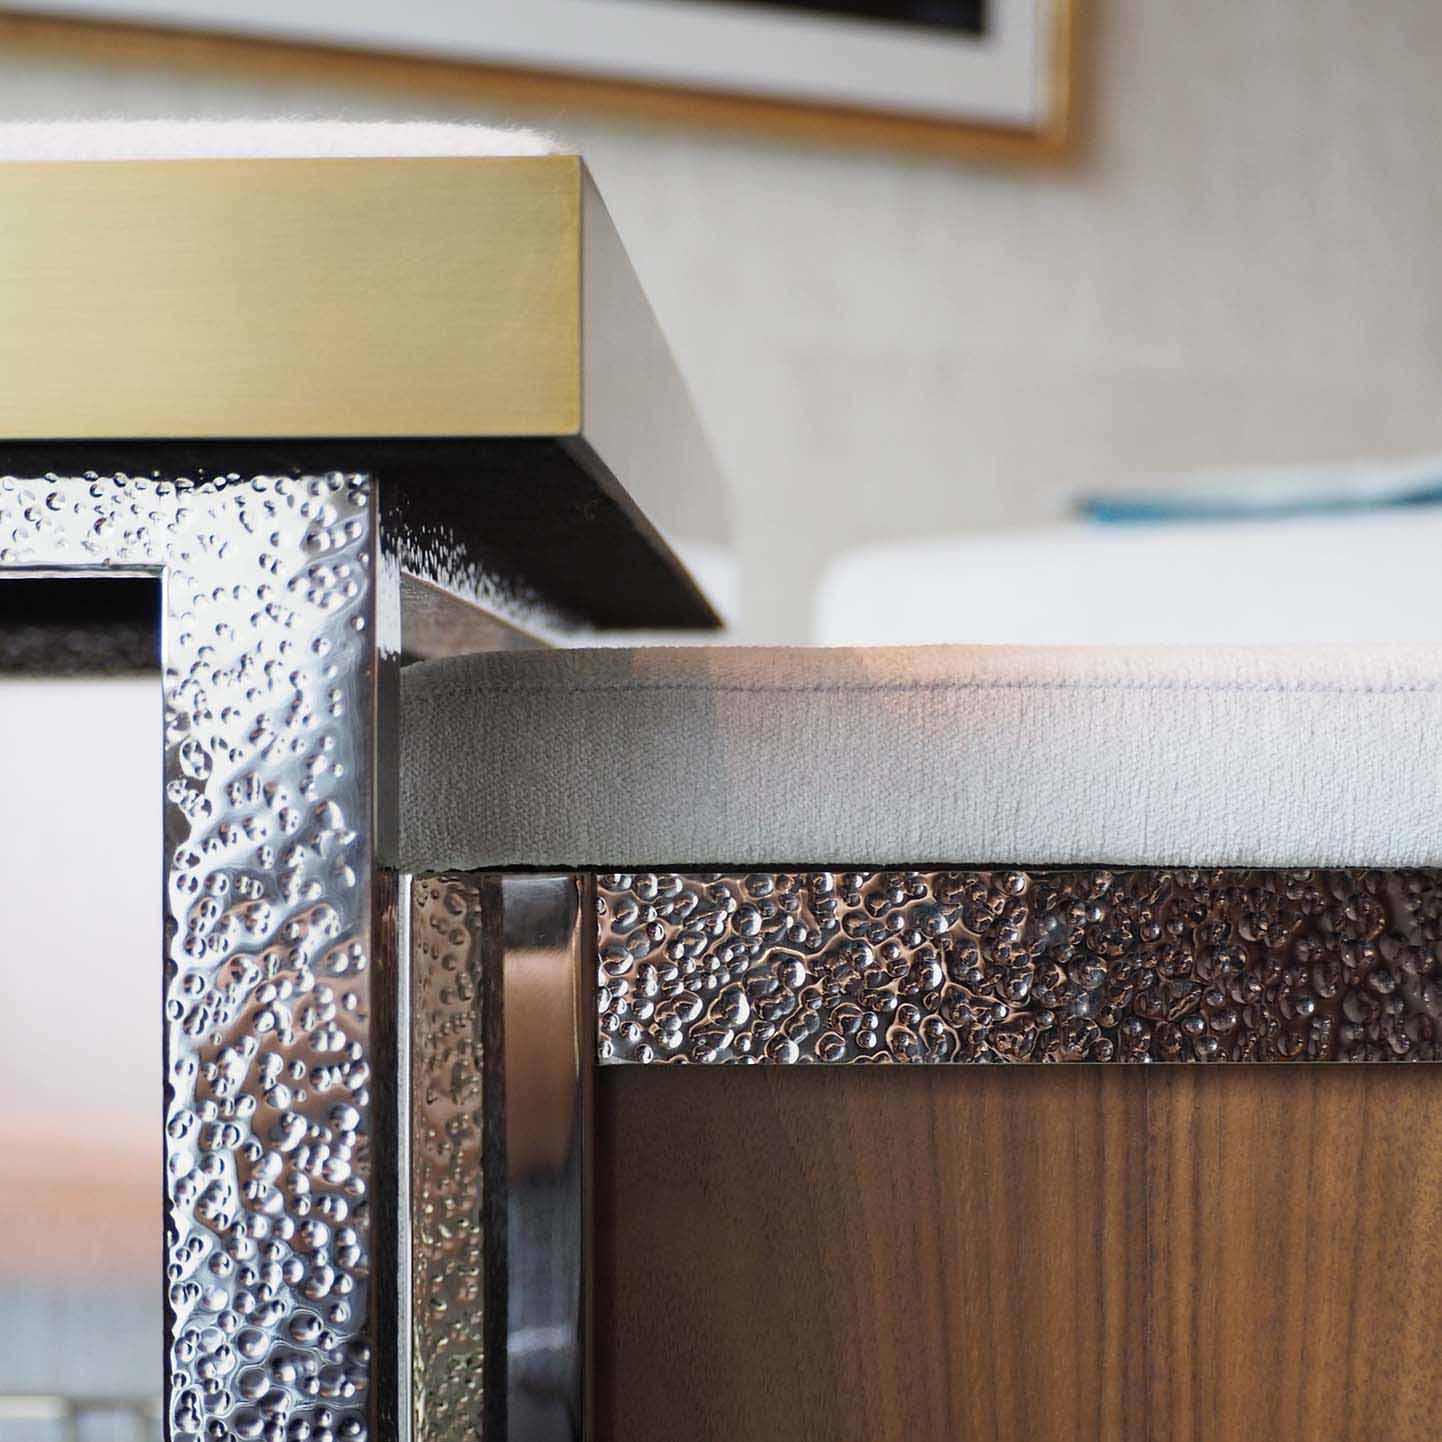 The Ritz Carlton Residences hammered metal detail